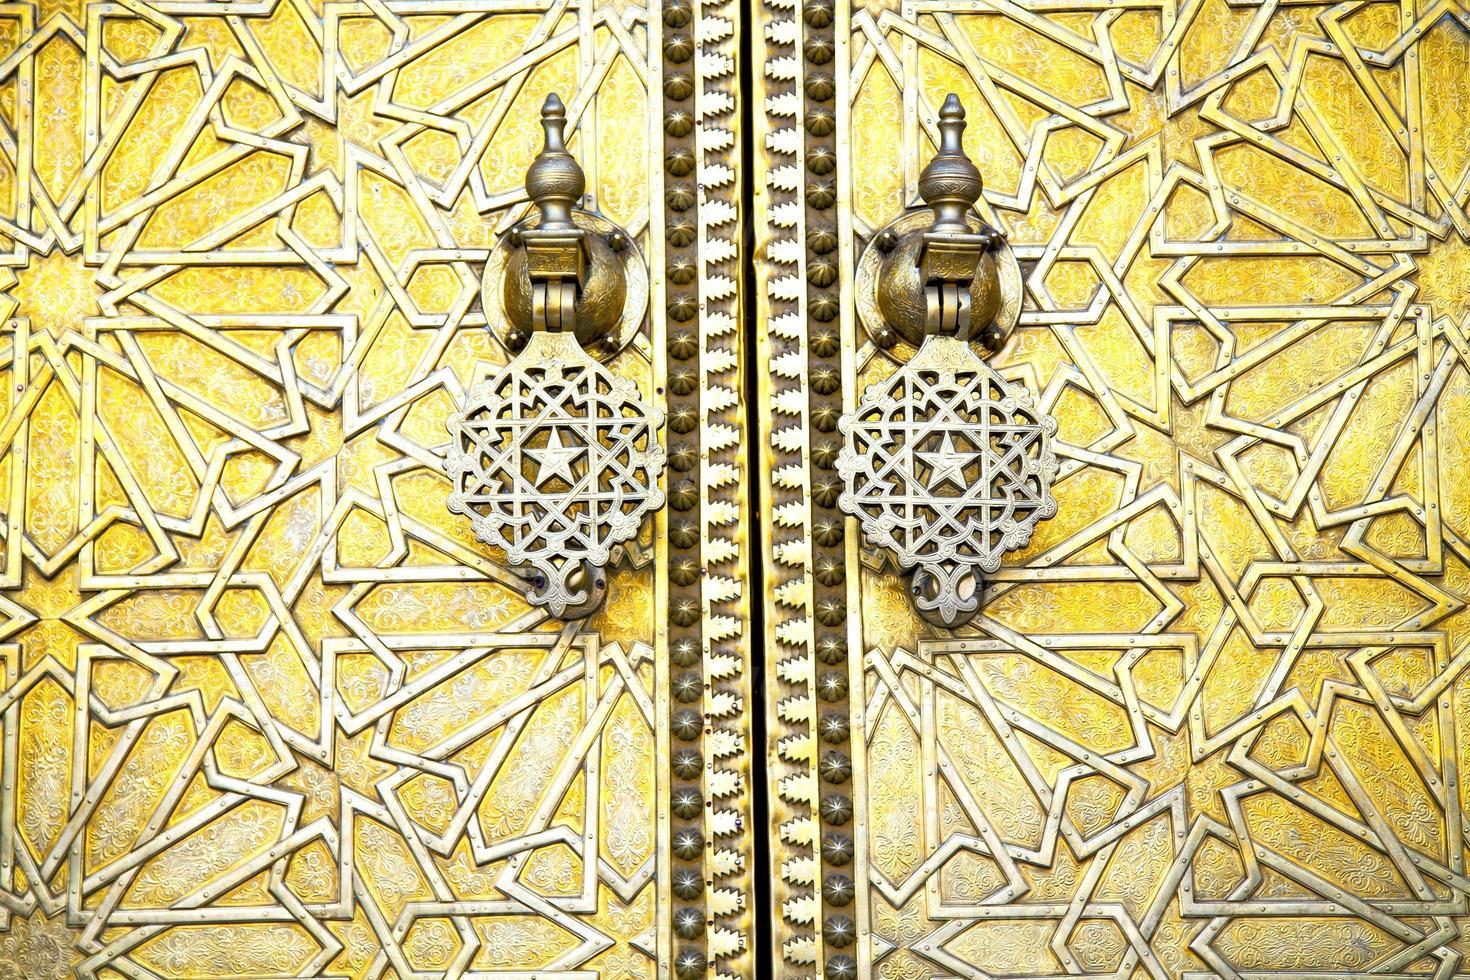 metallo marrone arrugginito marocchino in legno stella d'oro foto